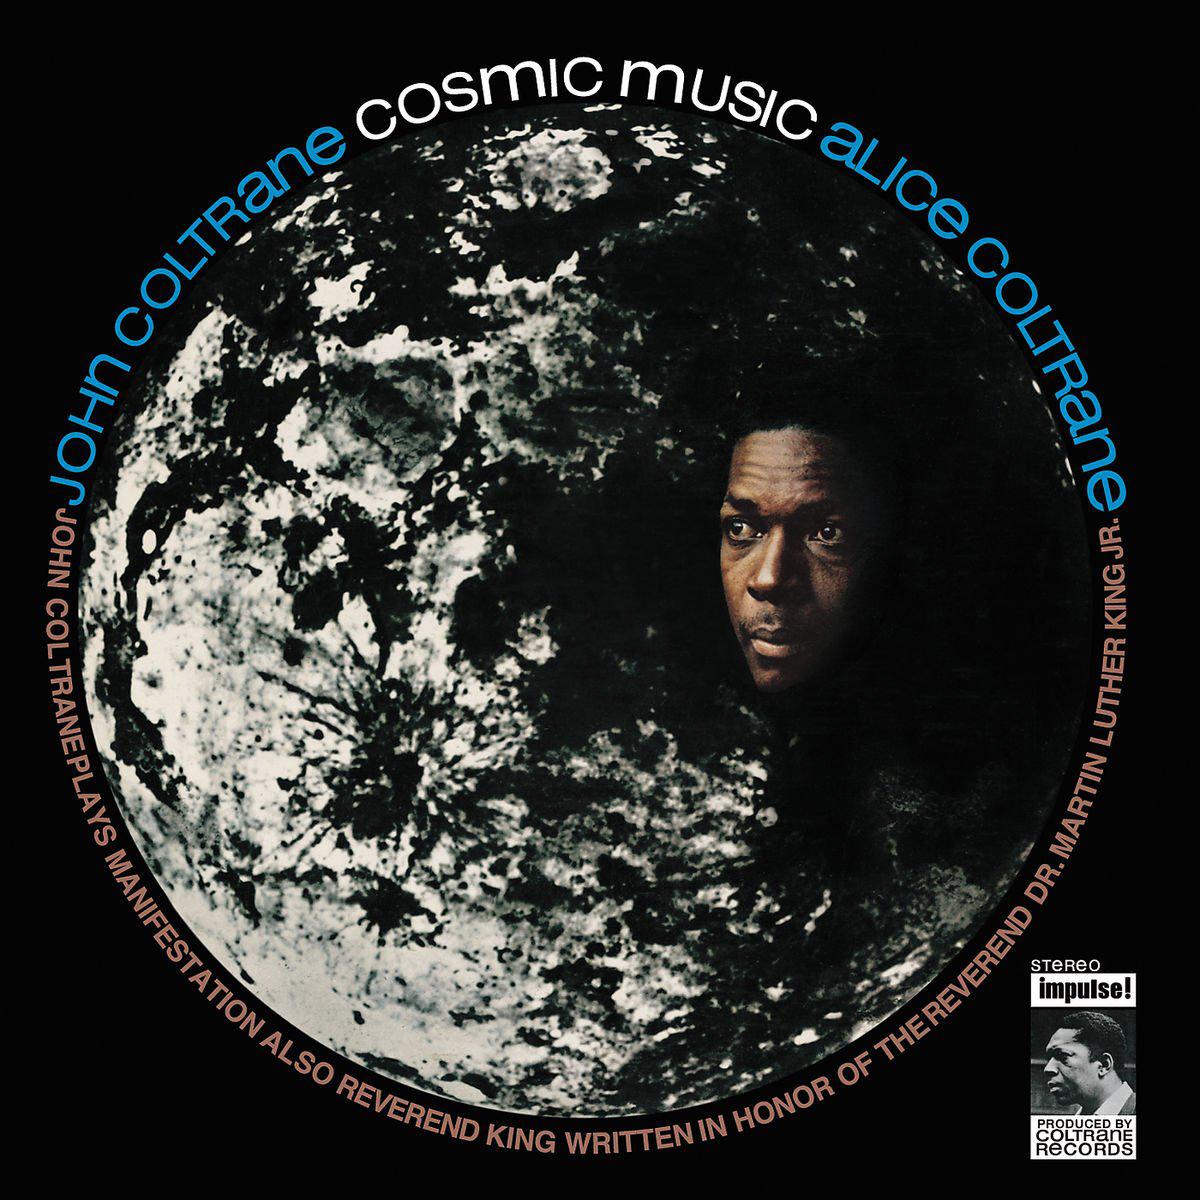 cosmic_music_album_cover